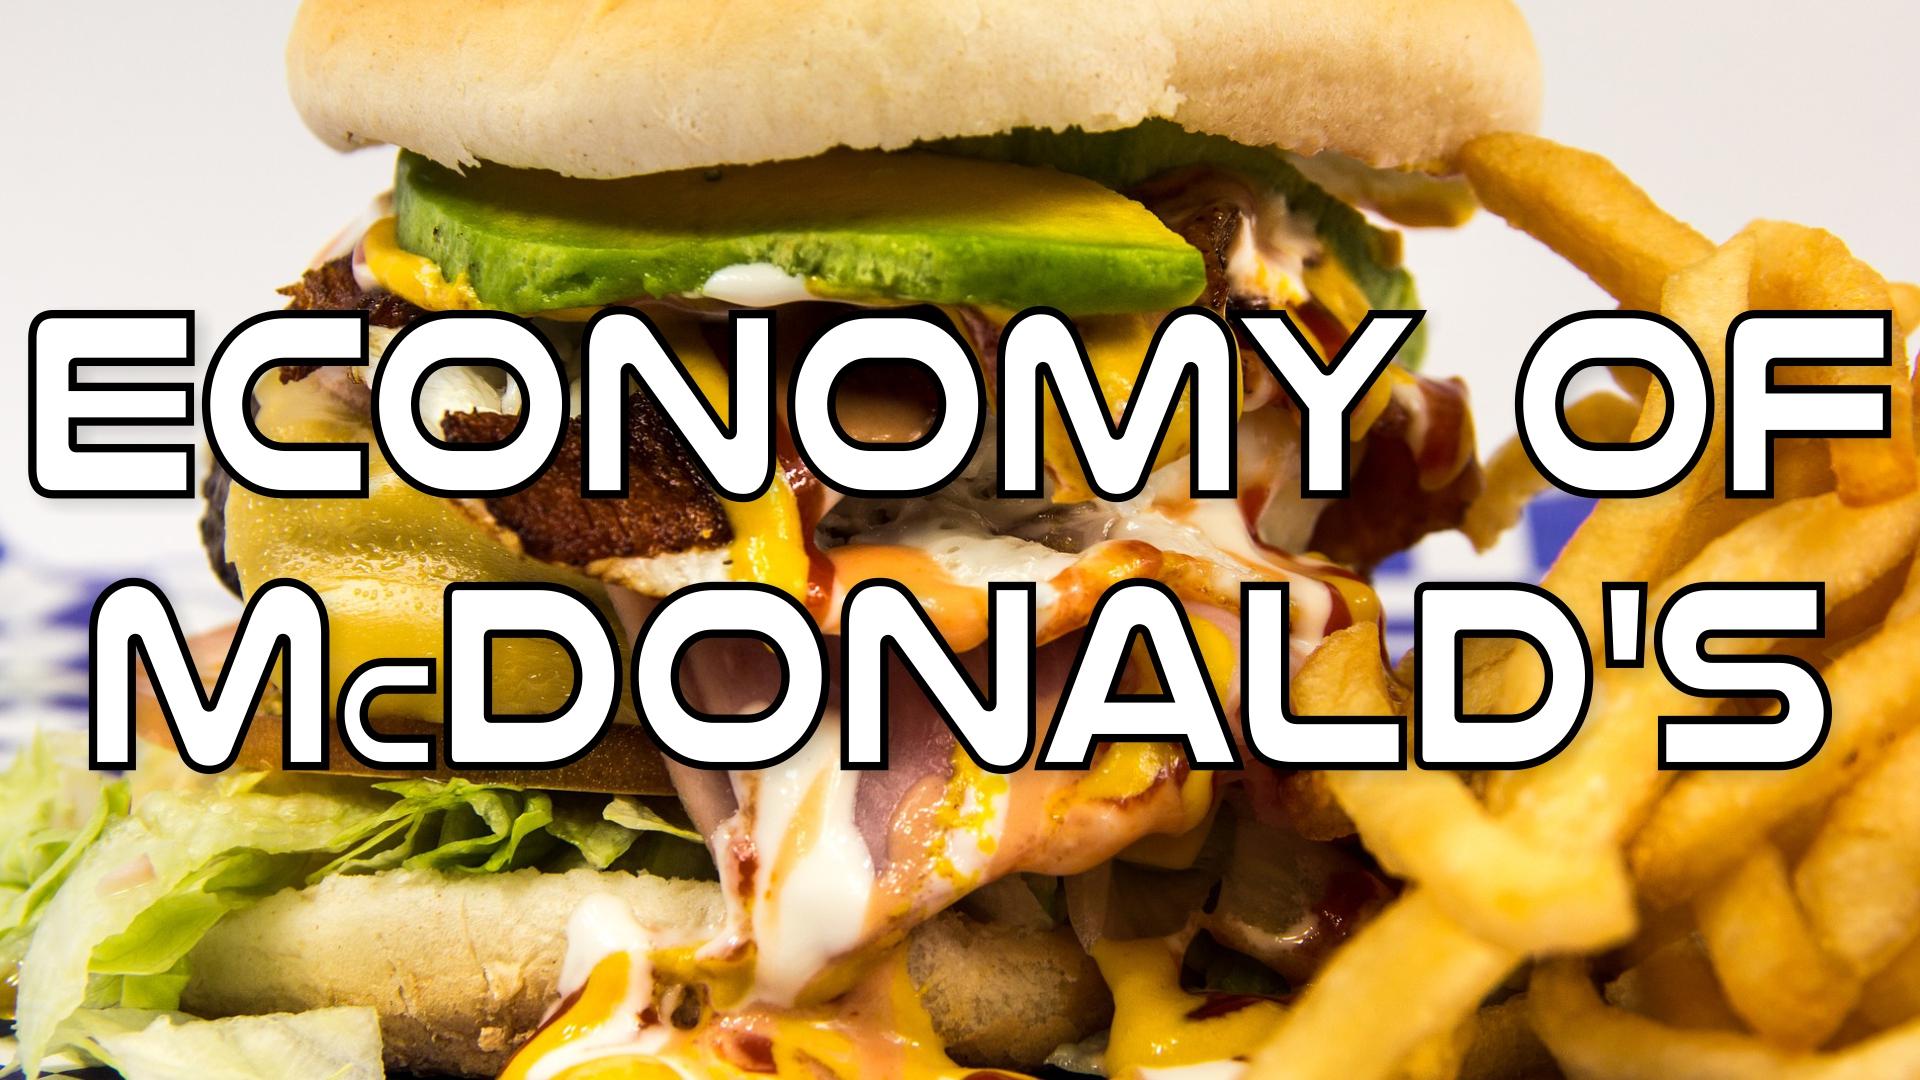 The economy of McDonald's